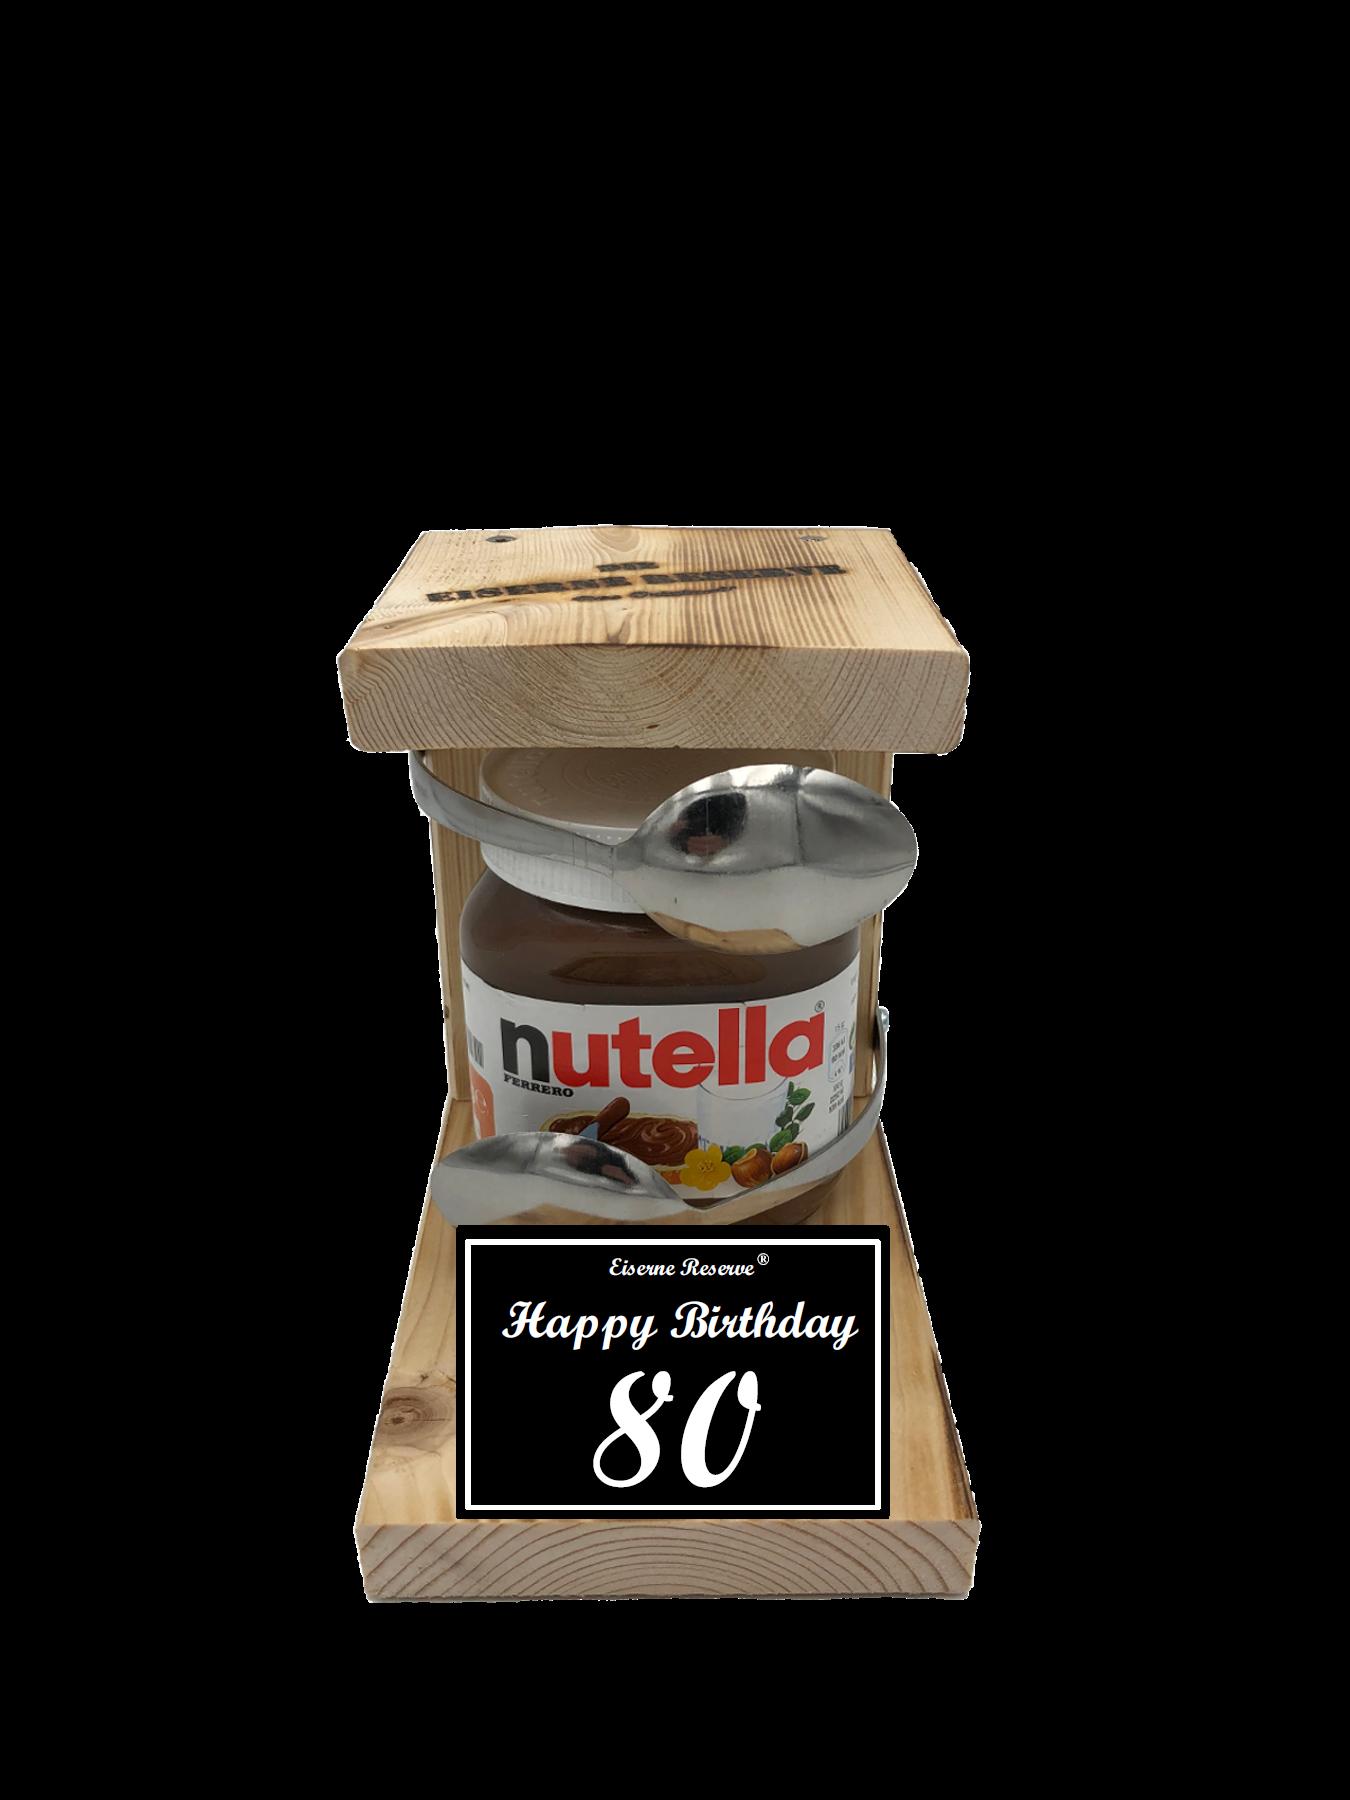 80 Happy Birthday Löffel Nutella Geschenk - Die Nutella Geschenkidee